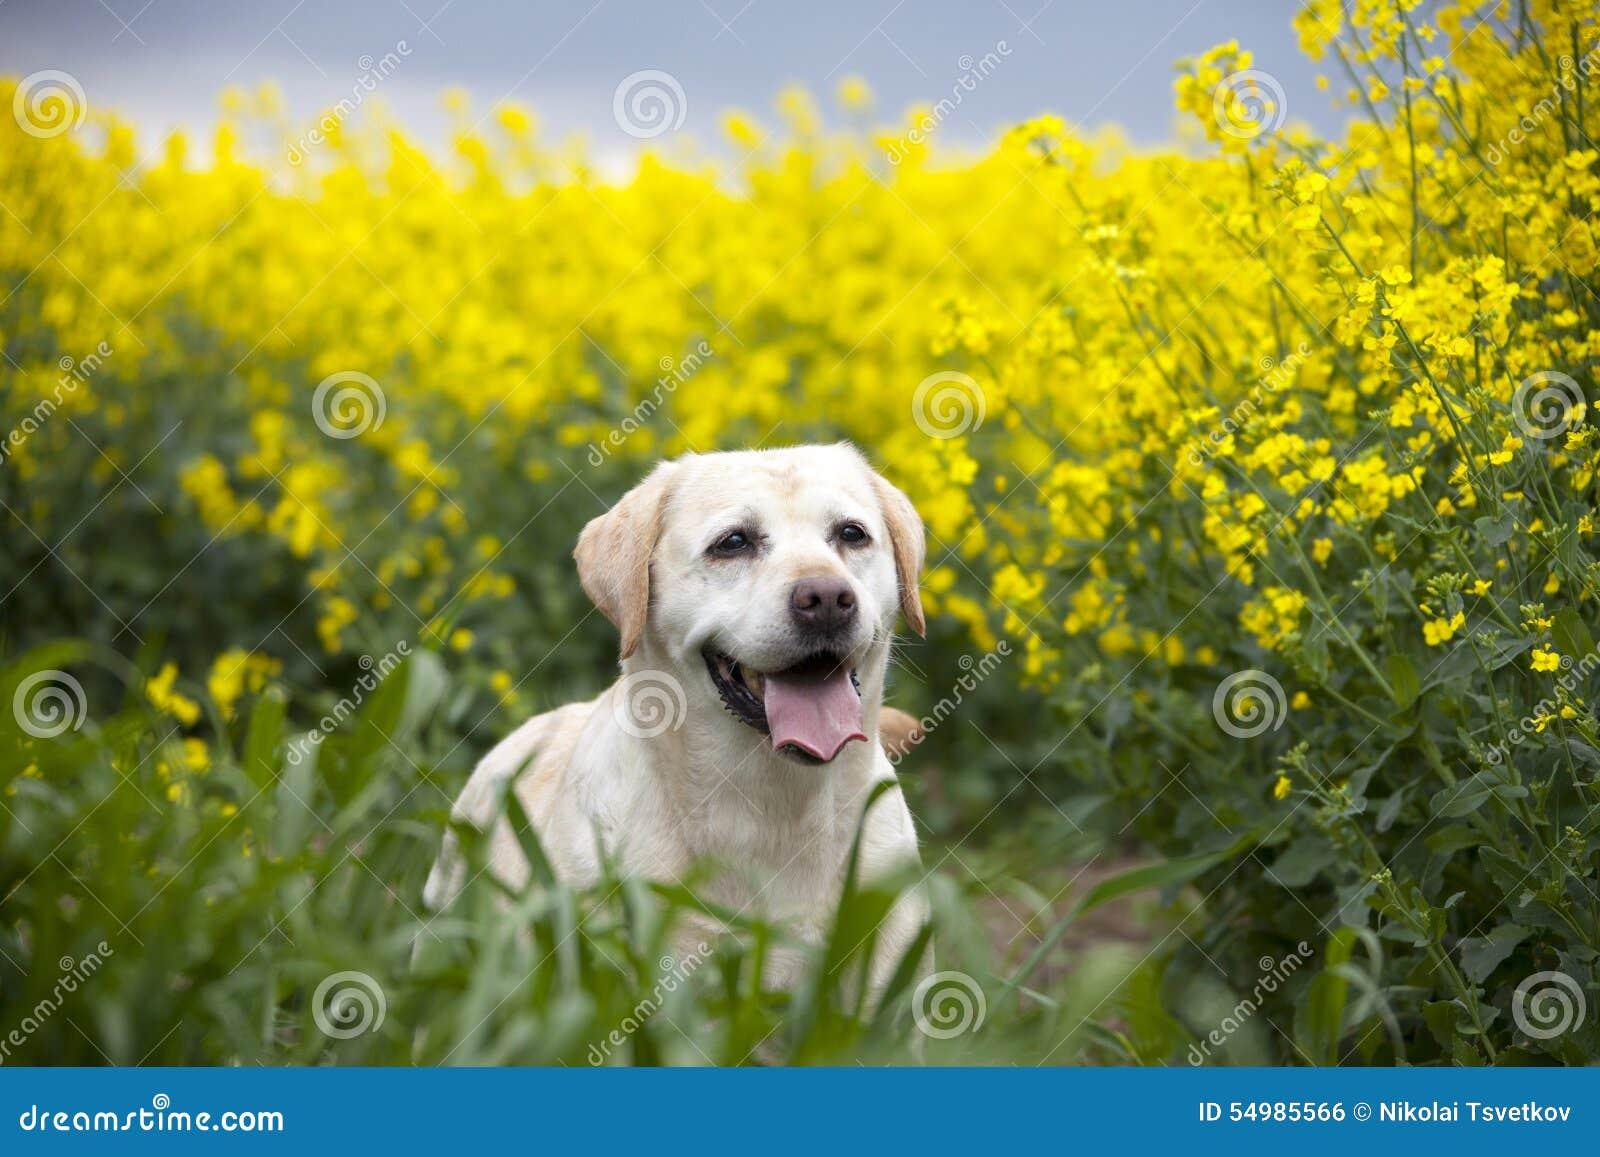 Hundlabrador retriever